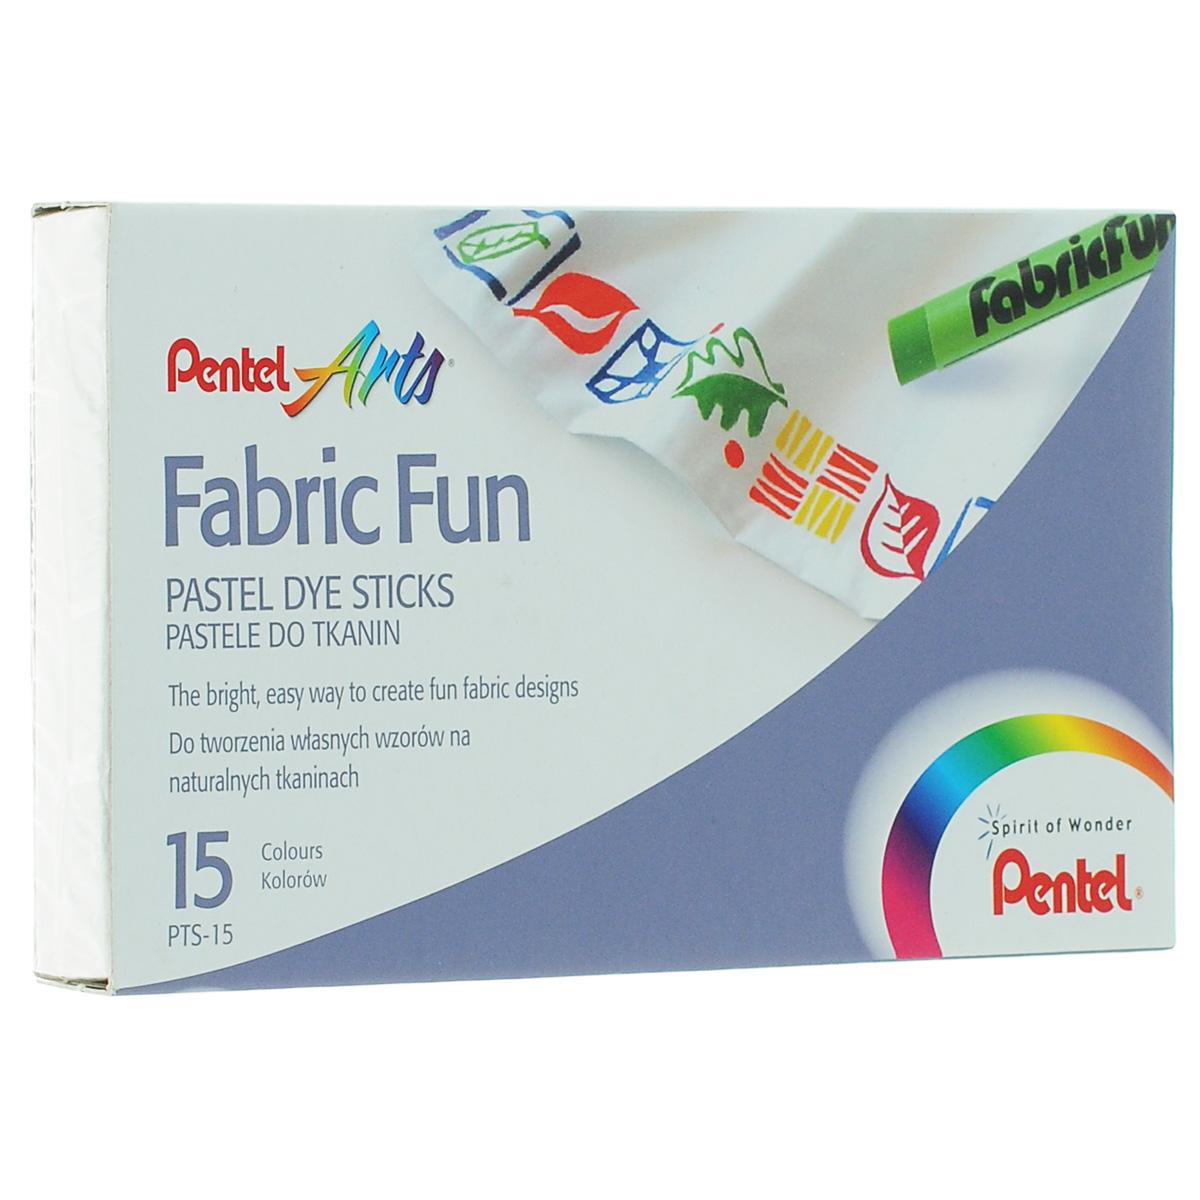 Пастель для ткани Pentel Fabric Fun, 15 цветовPTS-15Пастель для ткани Pentel Fabric Fun предназначена для нанесения рисунков на натуральные ткани. Пастель изготовлена из натуральных компонентов и не содержит вредных примесей. Соответствует европейскому стандарту качества EN71, утвержденному для детских товаров. Краски стойкие, не смываются водой. Для удобства использования имеют форму мелков. Этими мелками могут рисовать и дети, и взрослые художники, воплощая любые уникальные идеи в жизнь. С их помощью обычная вещь превратится в неповторимое авторское произведение, будь то сумка, футболка, фартук или даже кеды.Длина мелка: 6 см. Количество цветов: 15.